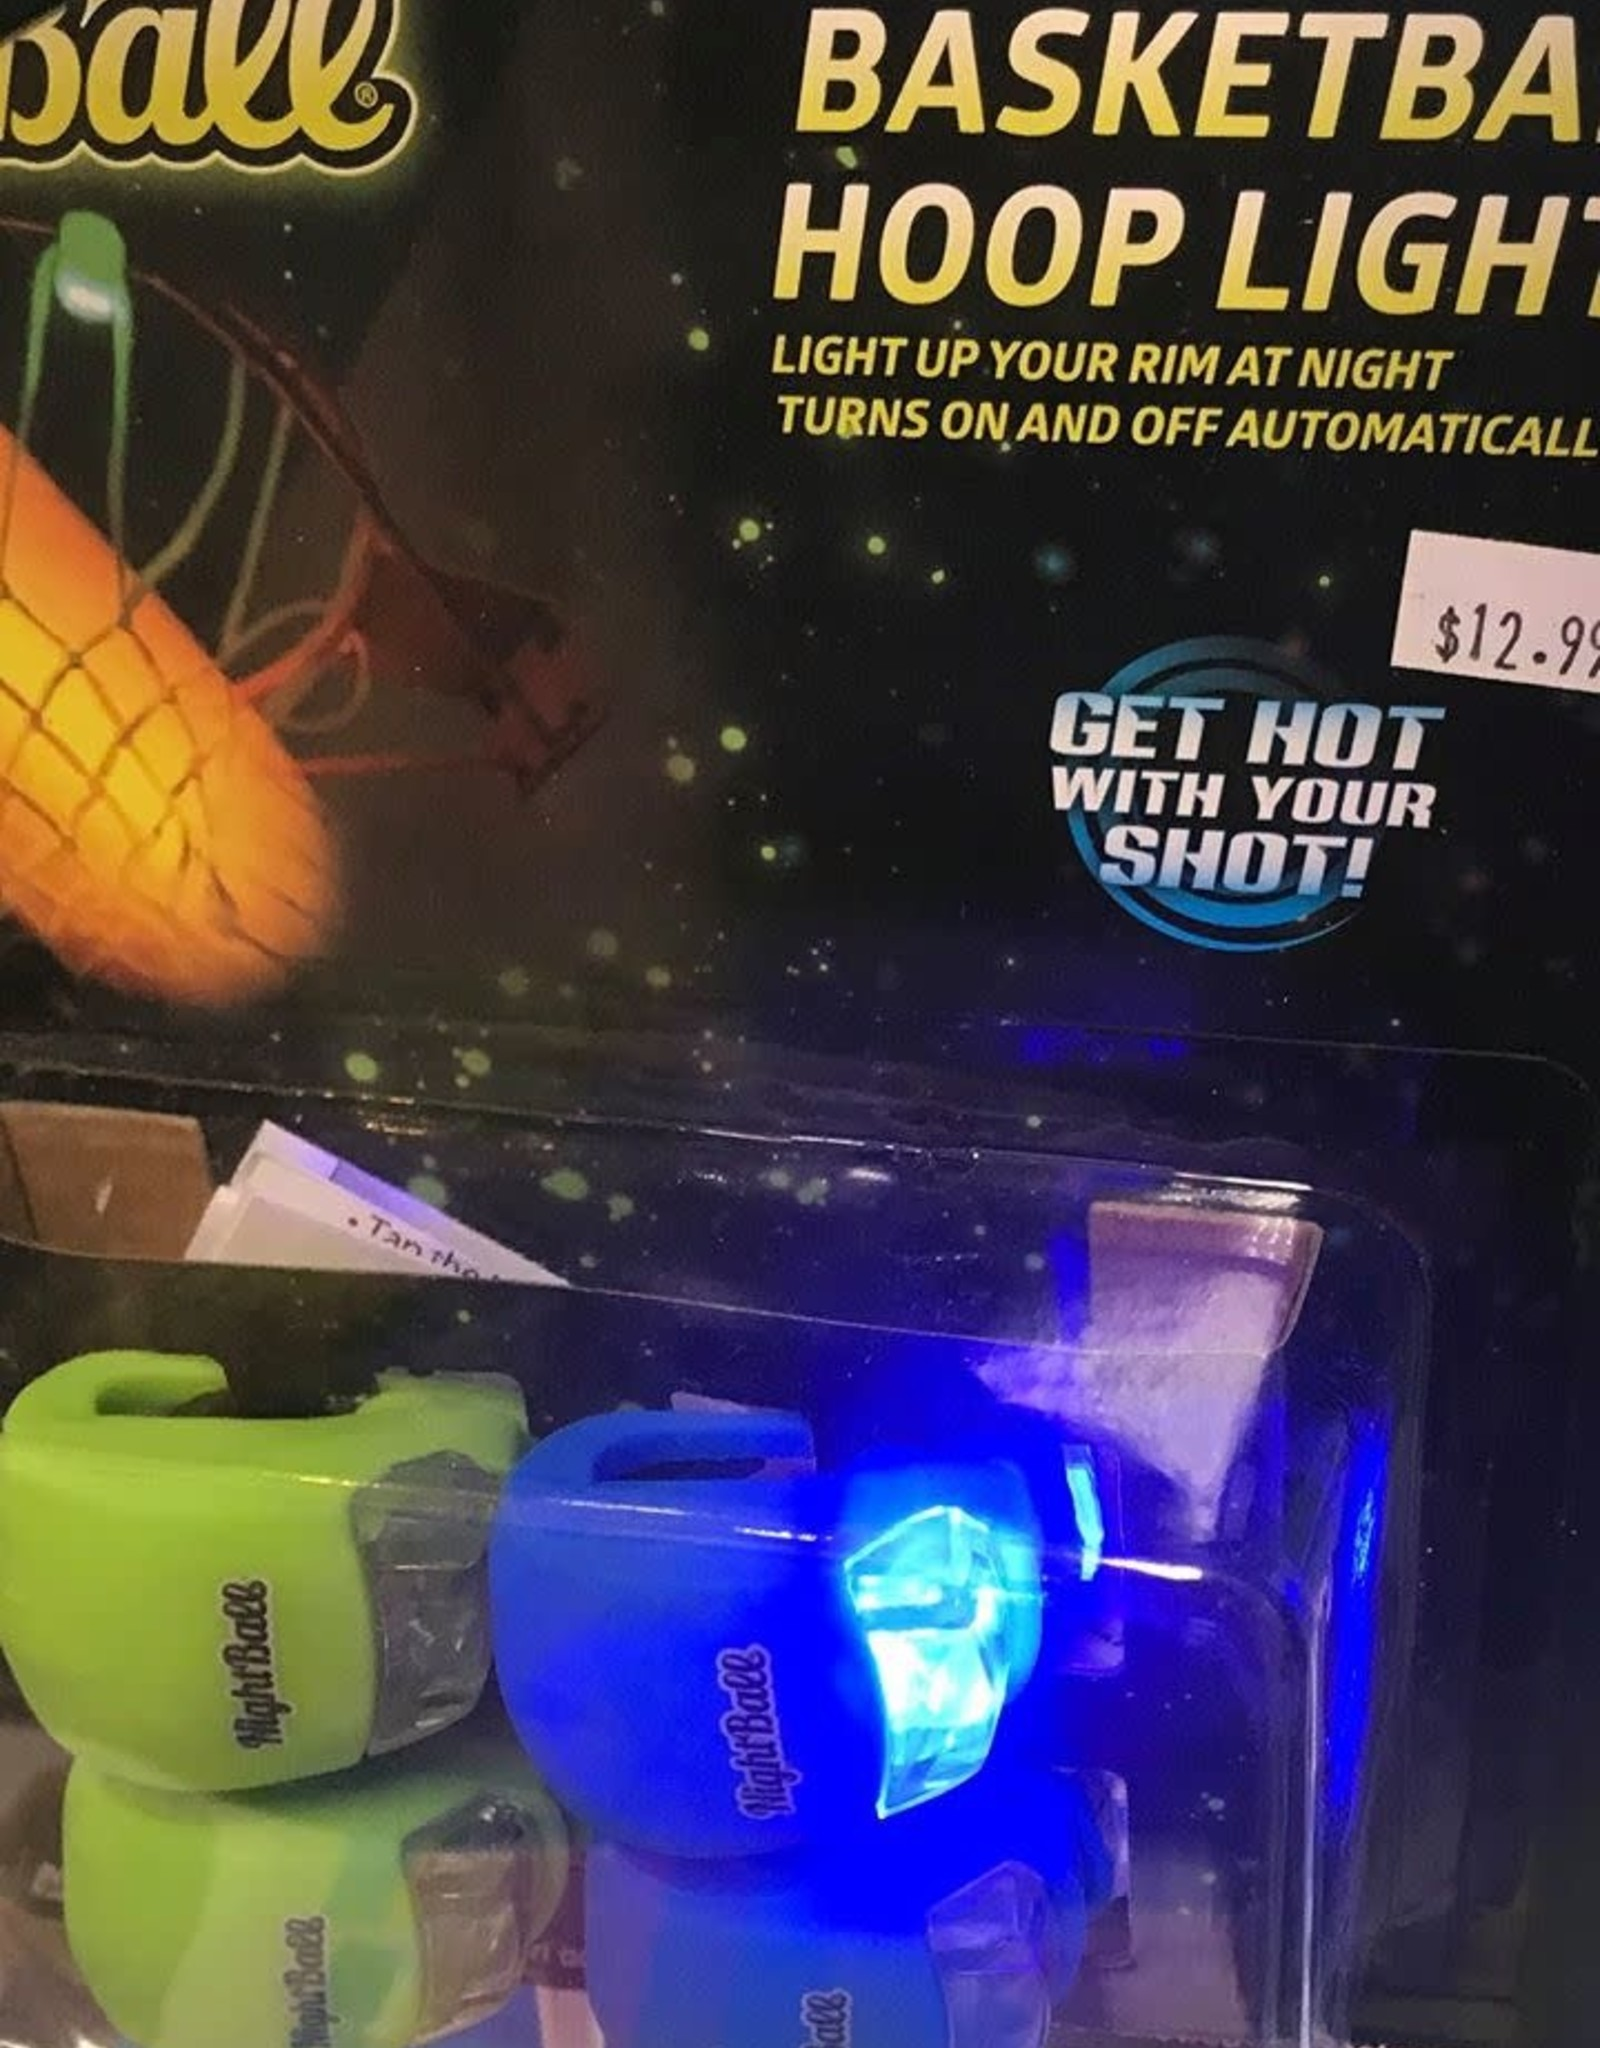 NIGHTBALL HOOP LIGHT NIGHTBALL LIGHTS